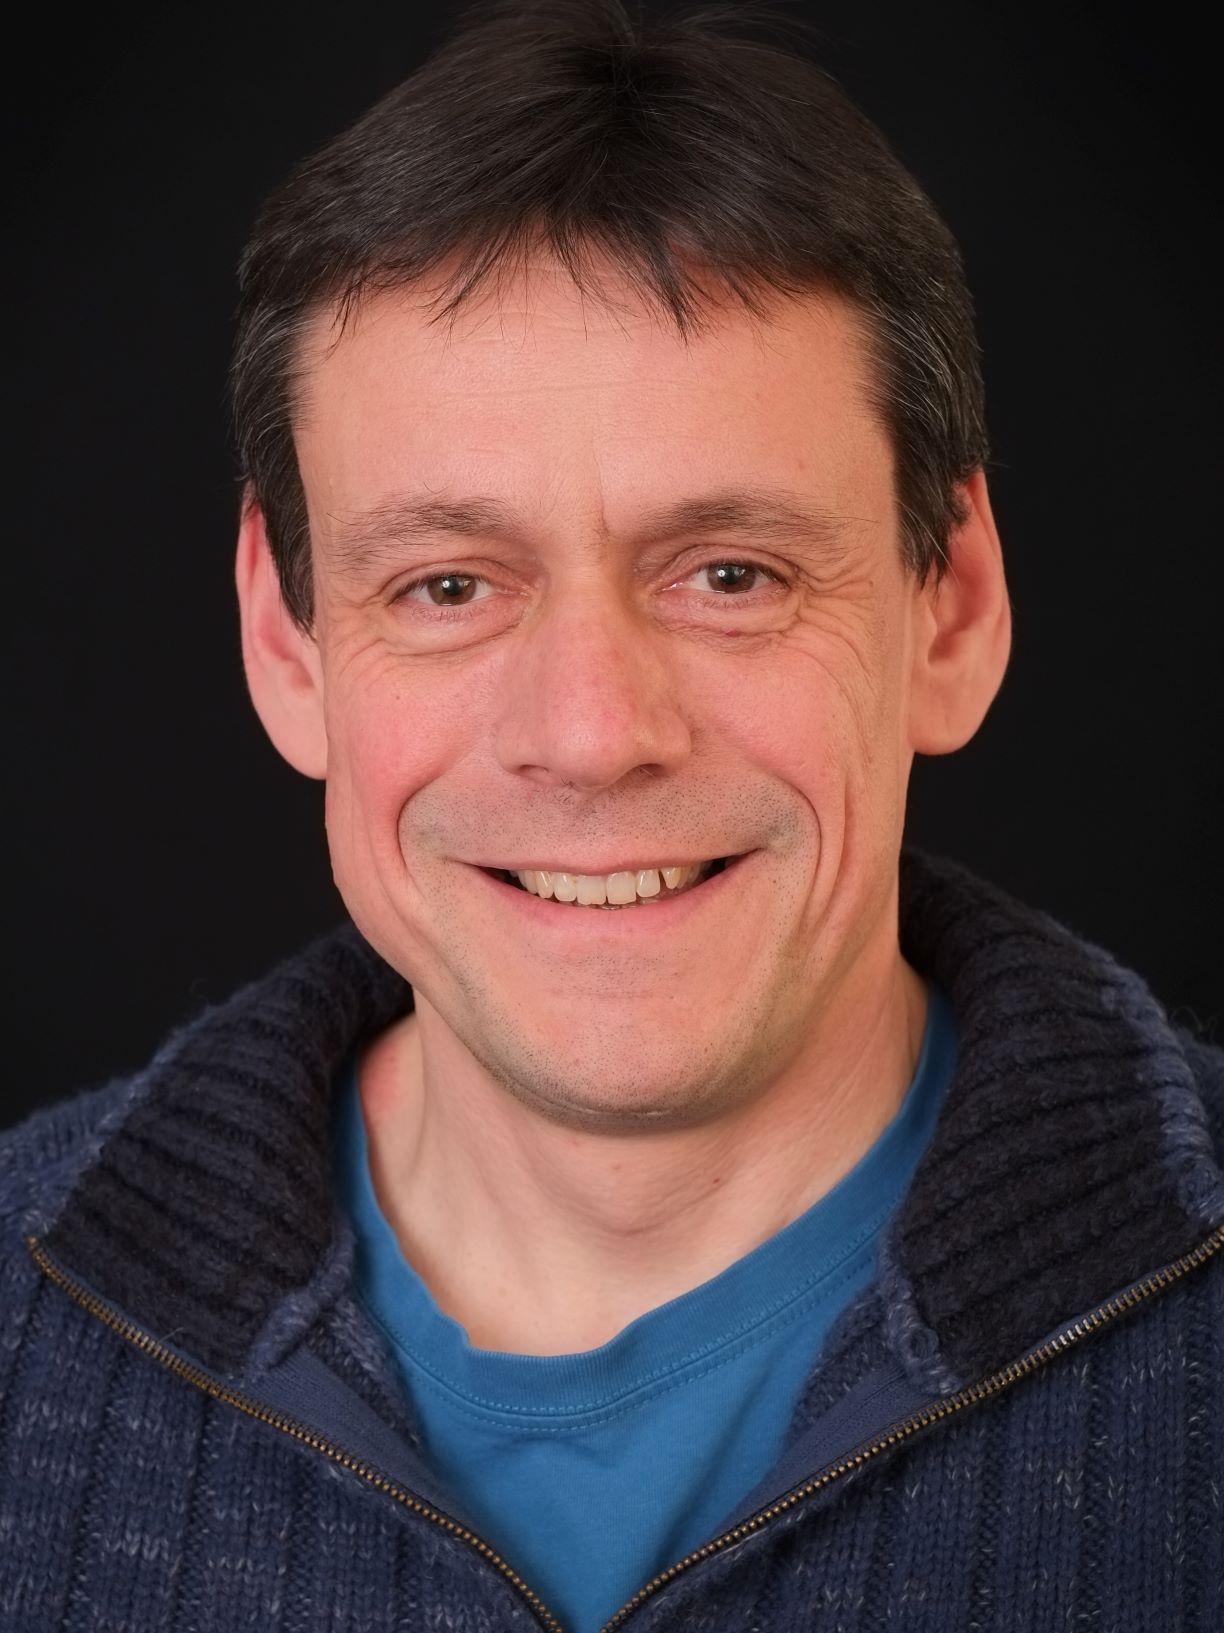 Professor William Hollingworth